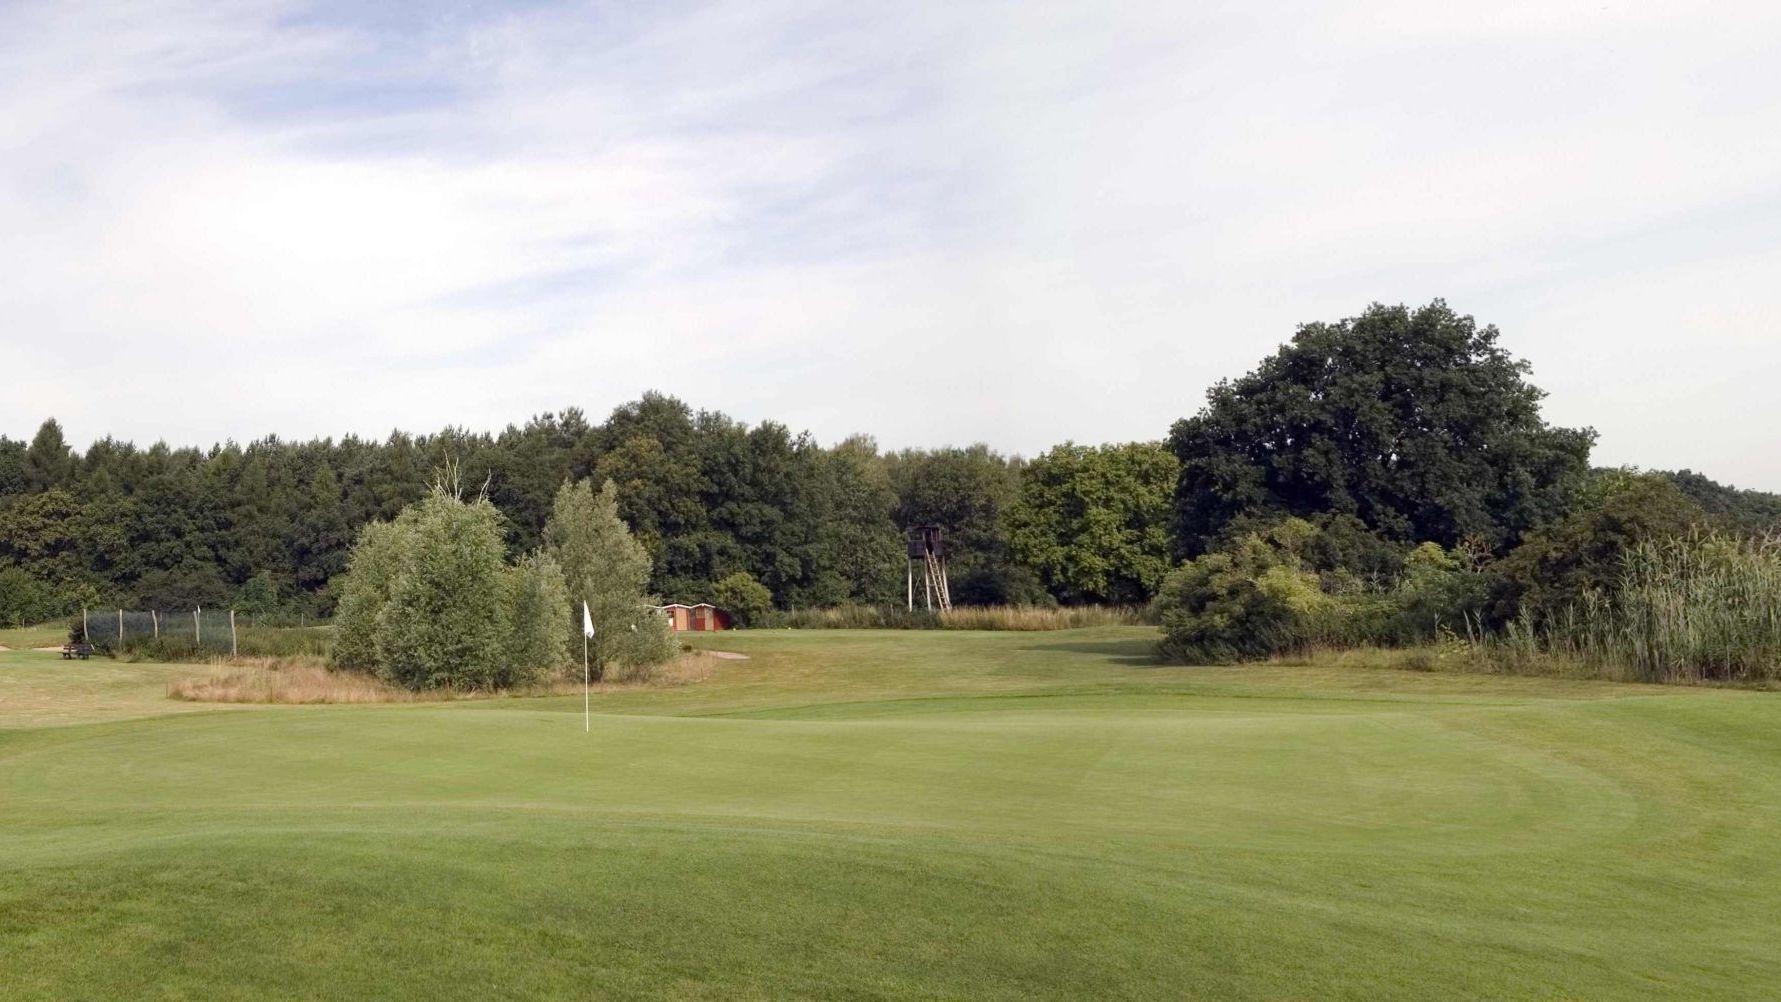 Golfplatz in Großbeeren/OT Neubeeren